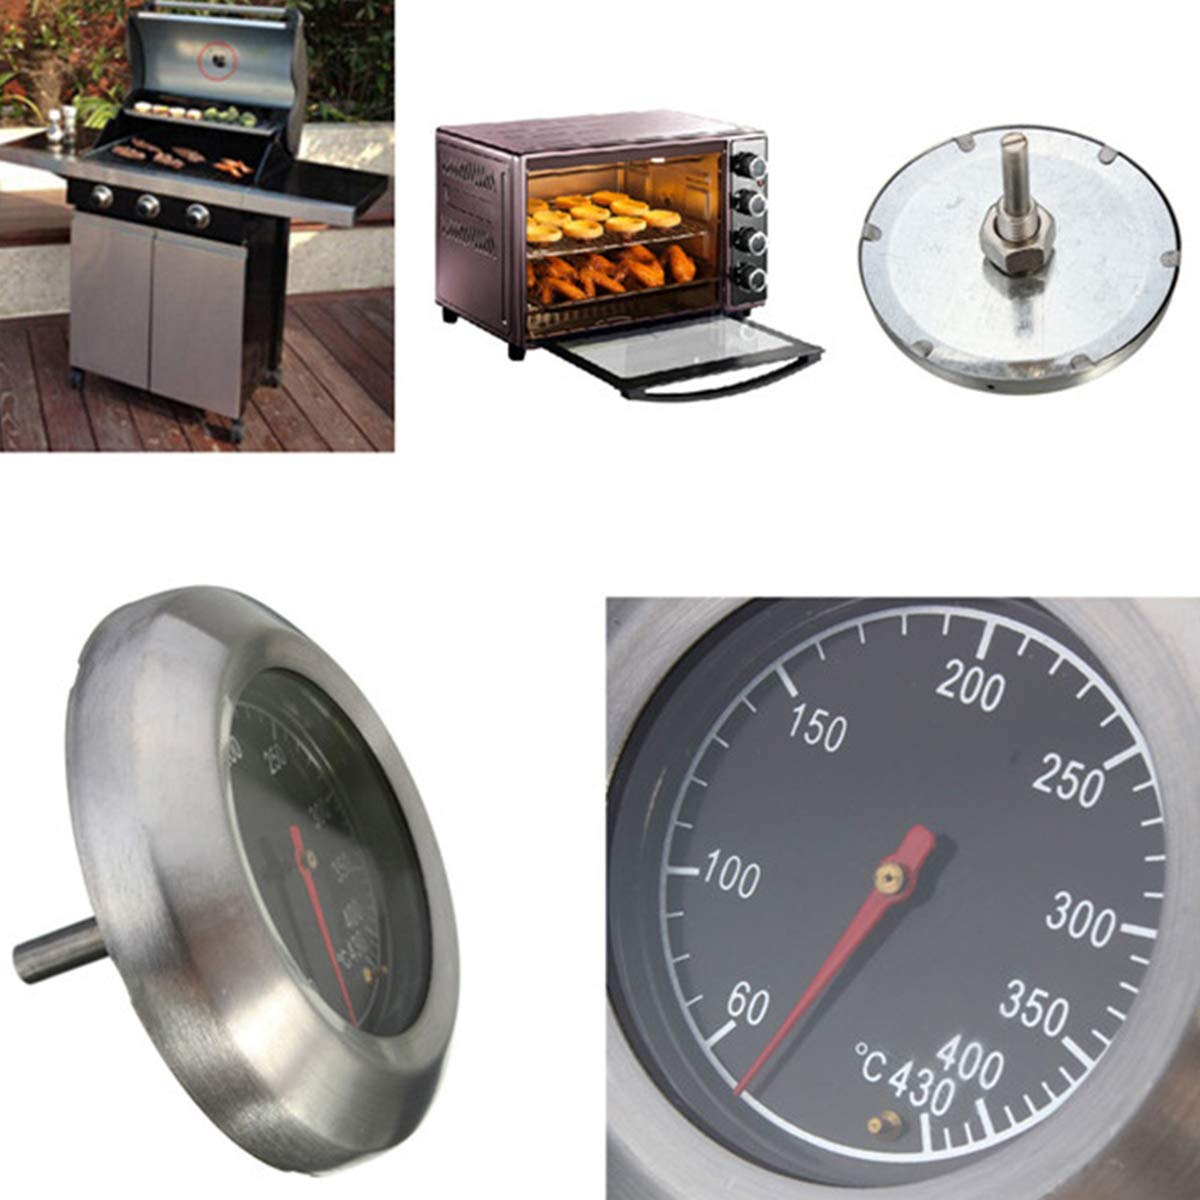 SunshineFace Thermom/ètre pour barbecue 60-430 ℃ 3 jg Diam/ètre